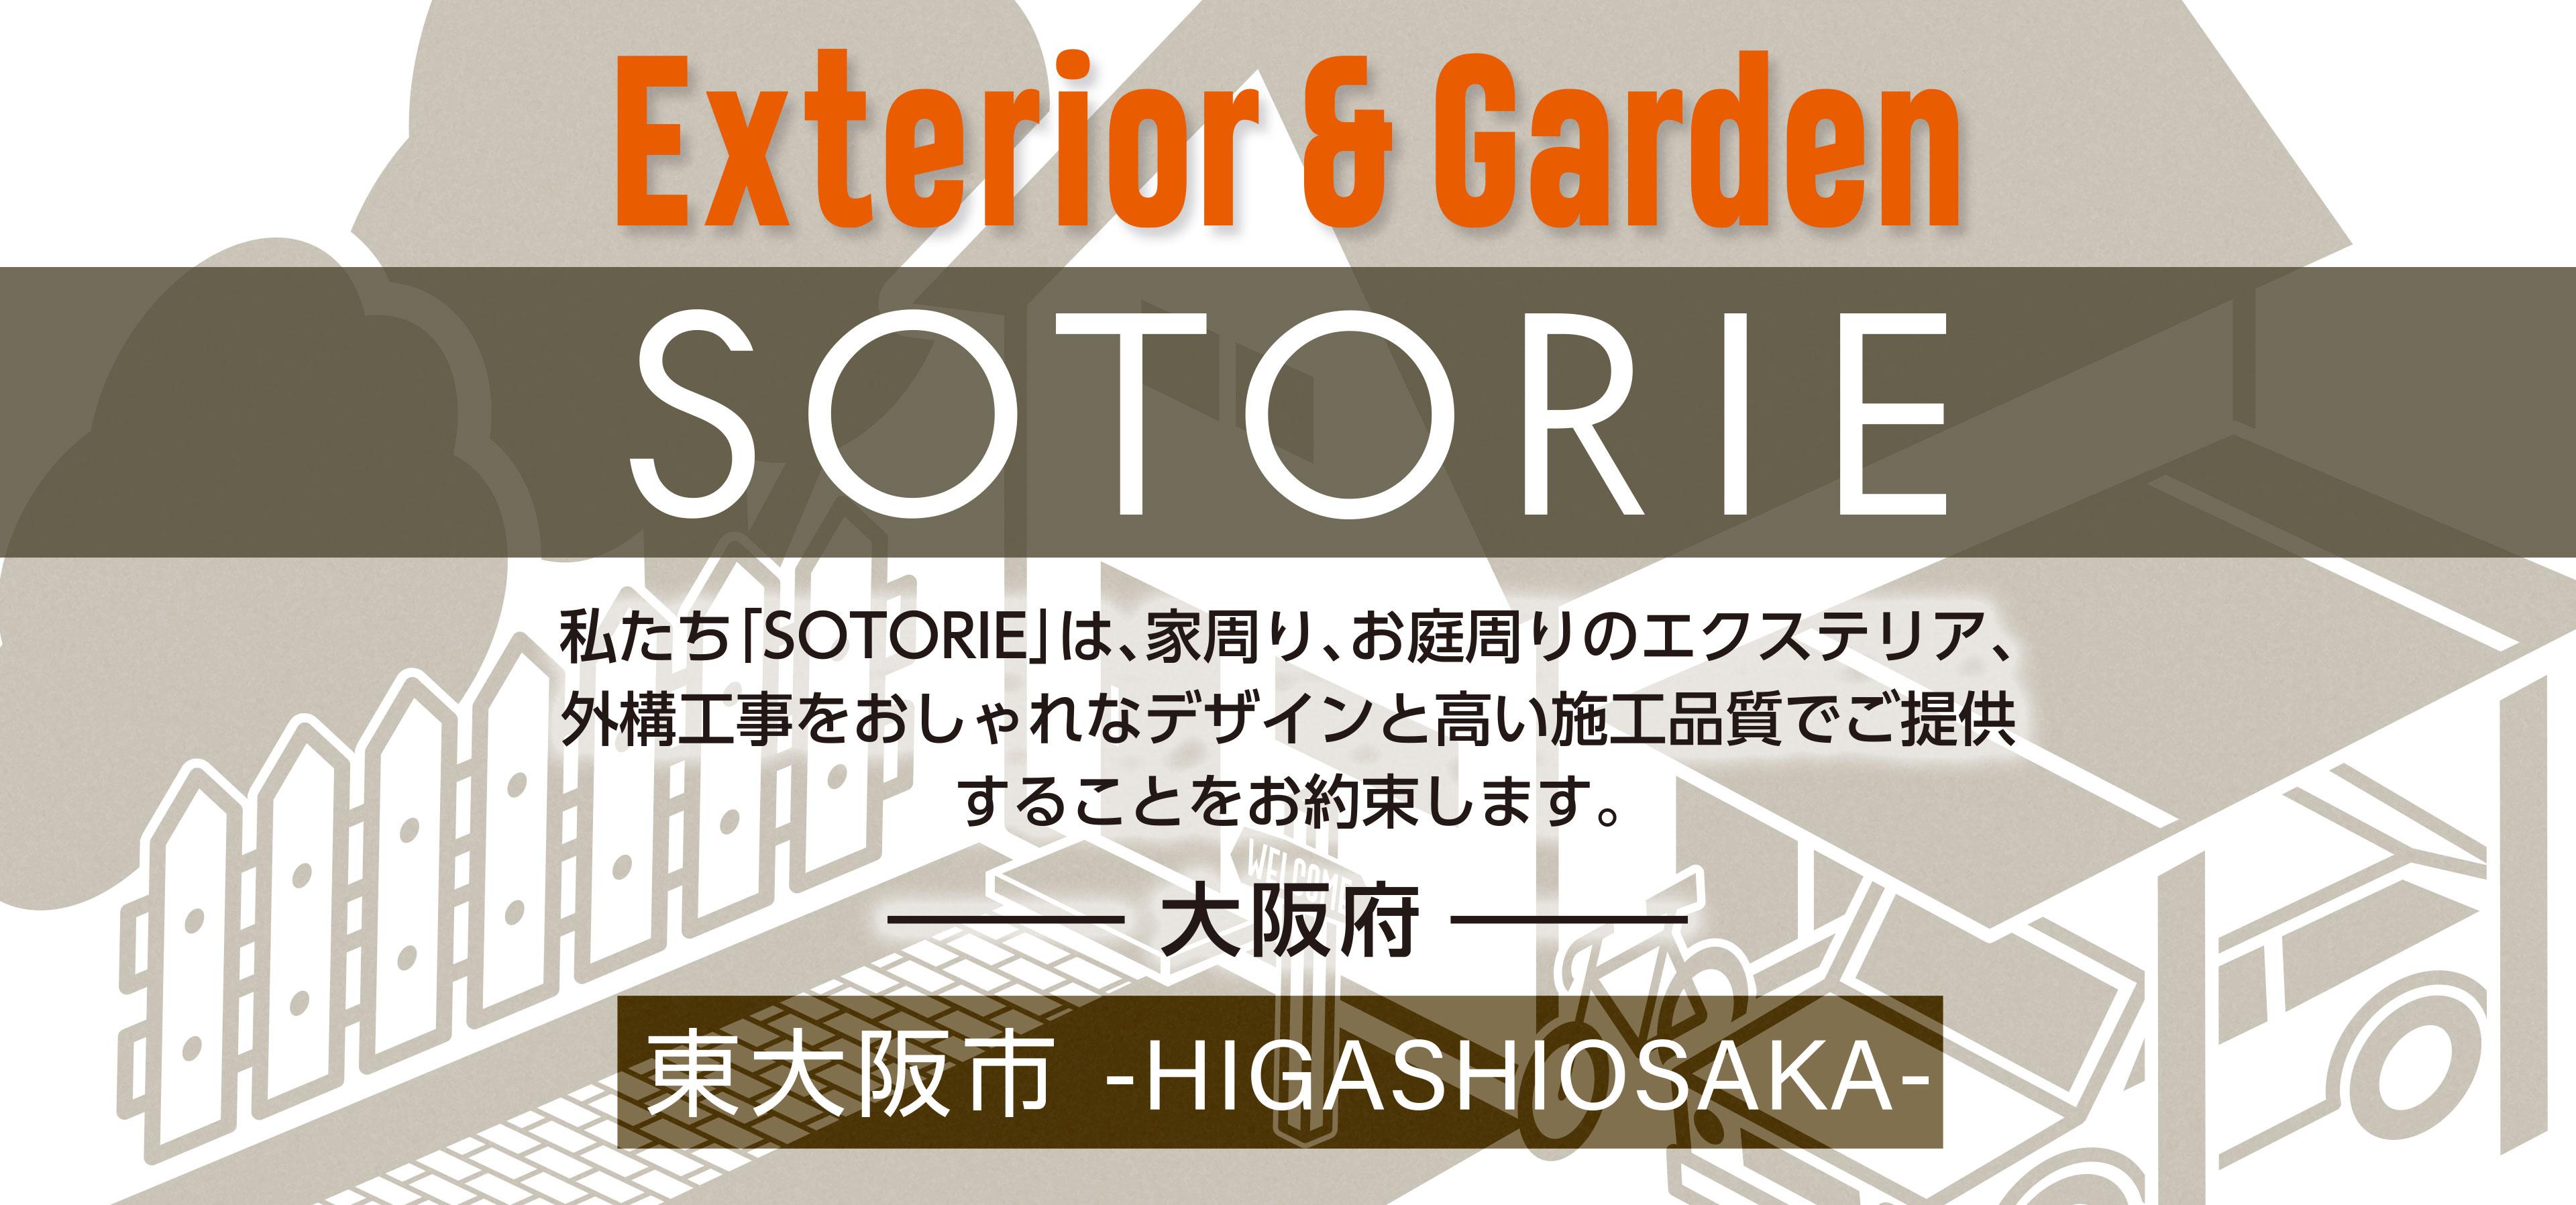 ソトリエ東大阪市では、家周りと庭周りの外構、エクステリア工事をおしゃれなデザインと高い施工品質でご提供することをお約束します。